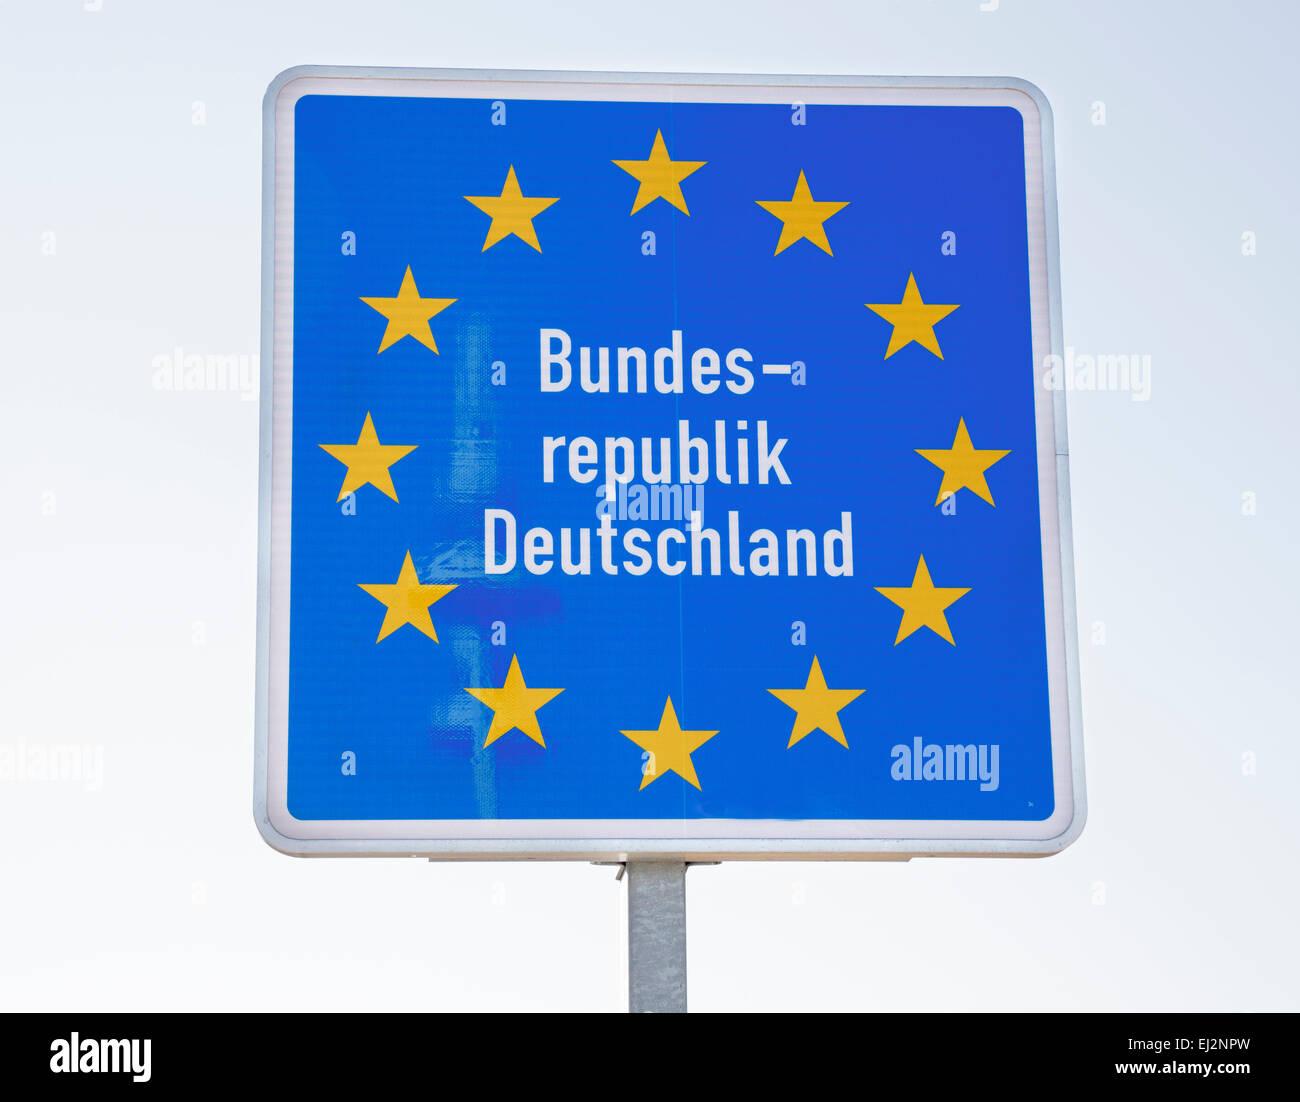 Bundes Republik Deutschland sign, Frankfurt Oder, Germany - Stock Image